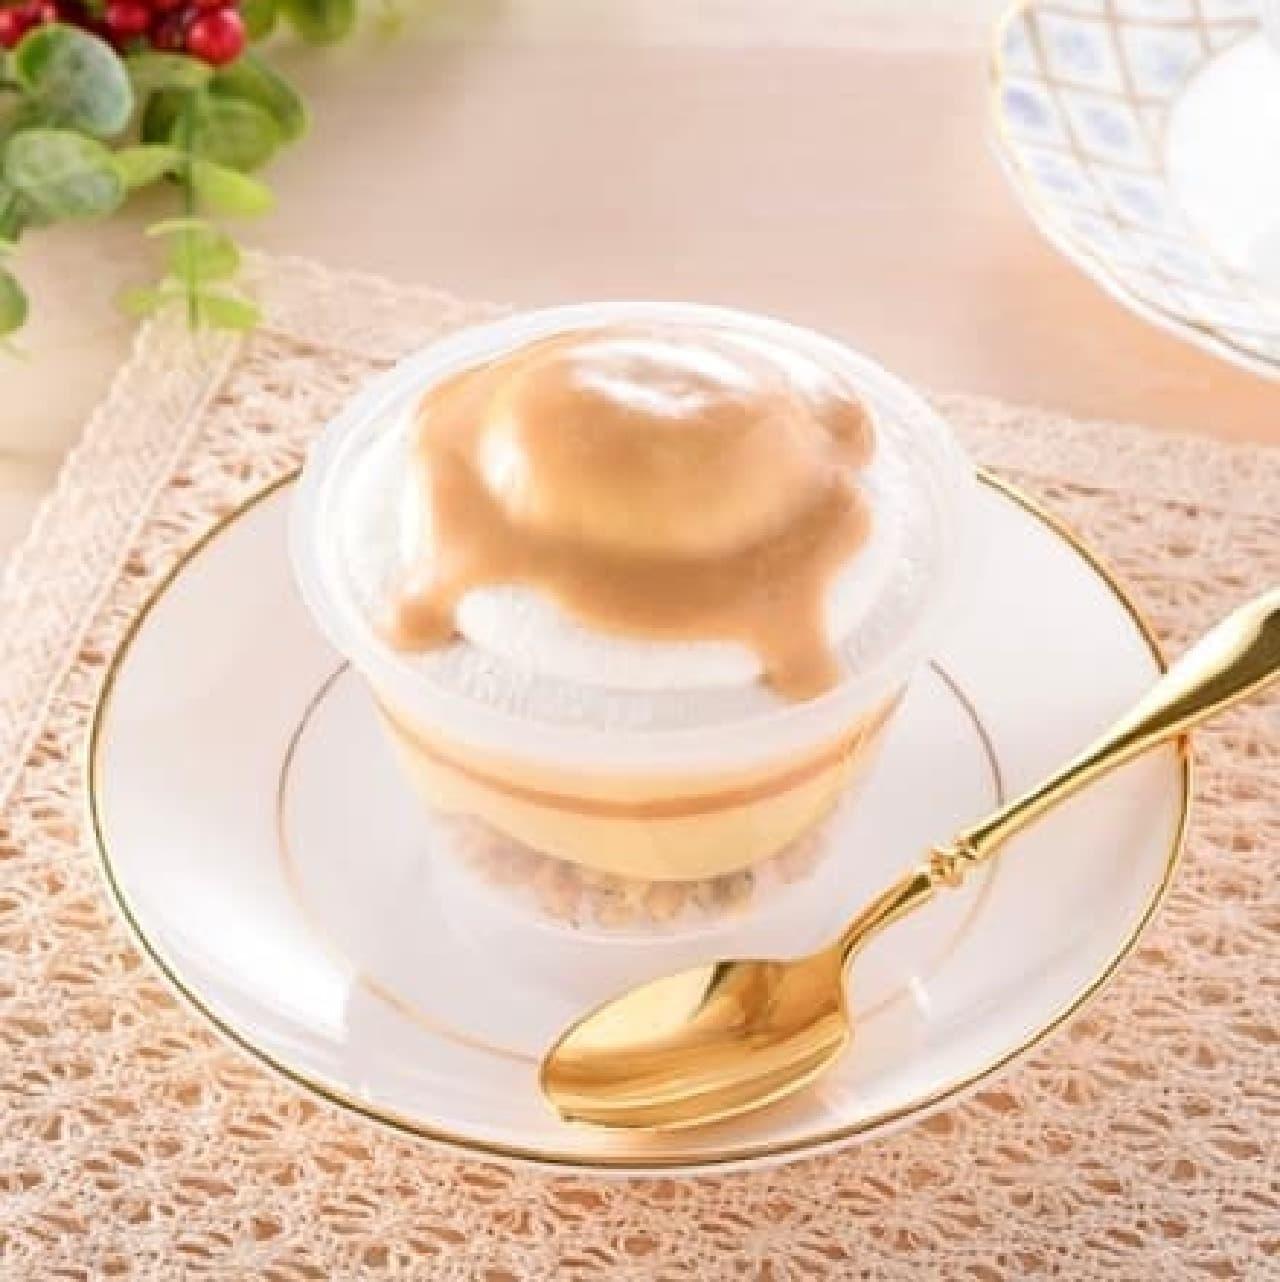 ファミリーマート「紅茶の生チーズケーキ」